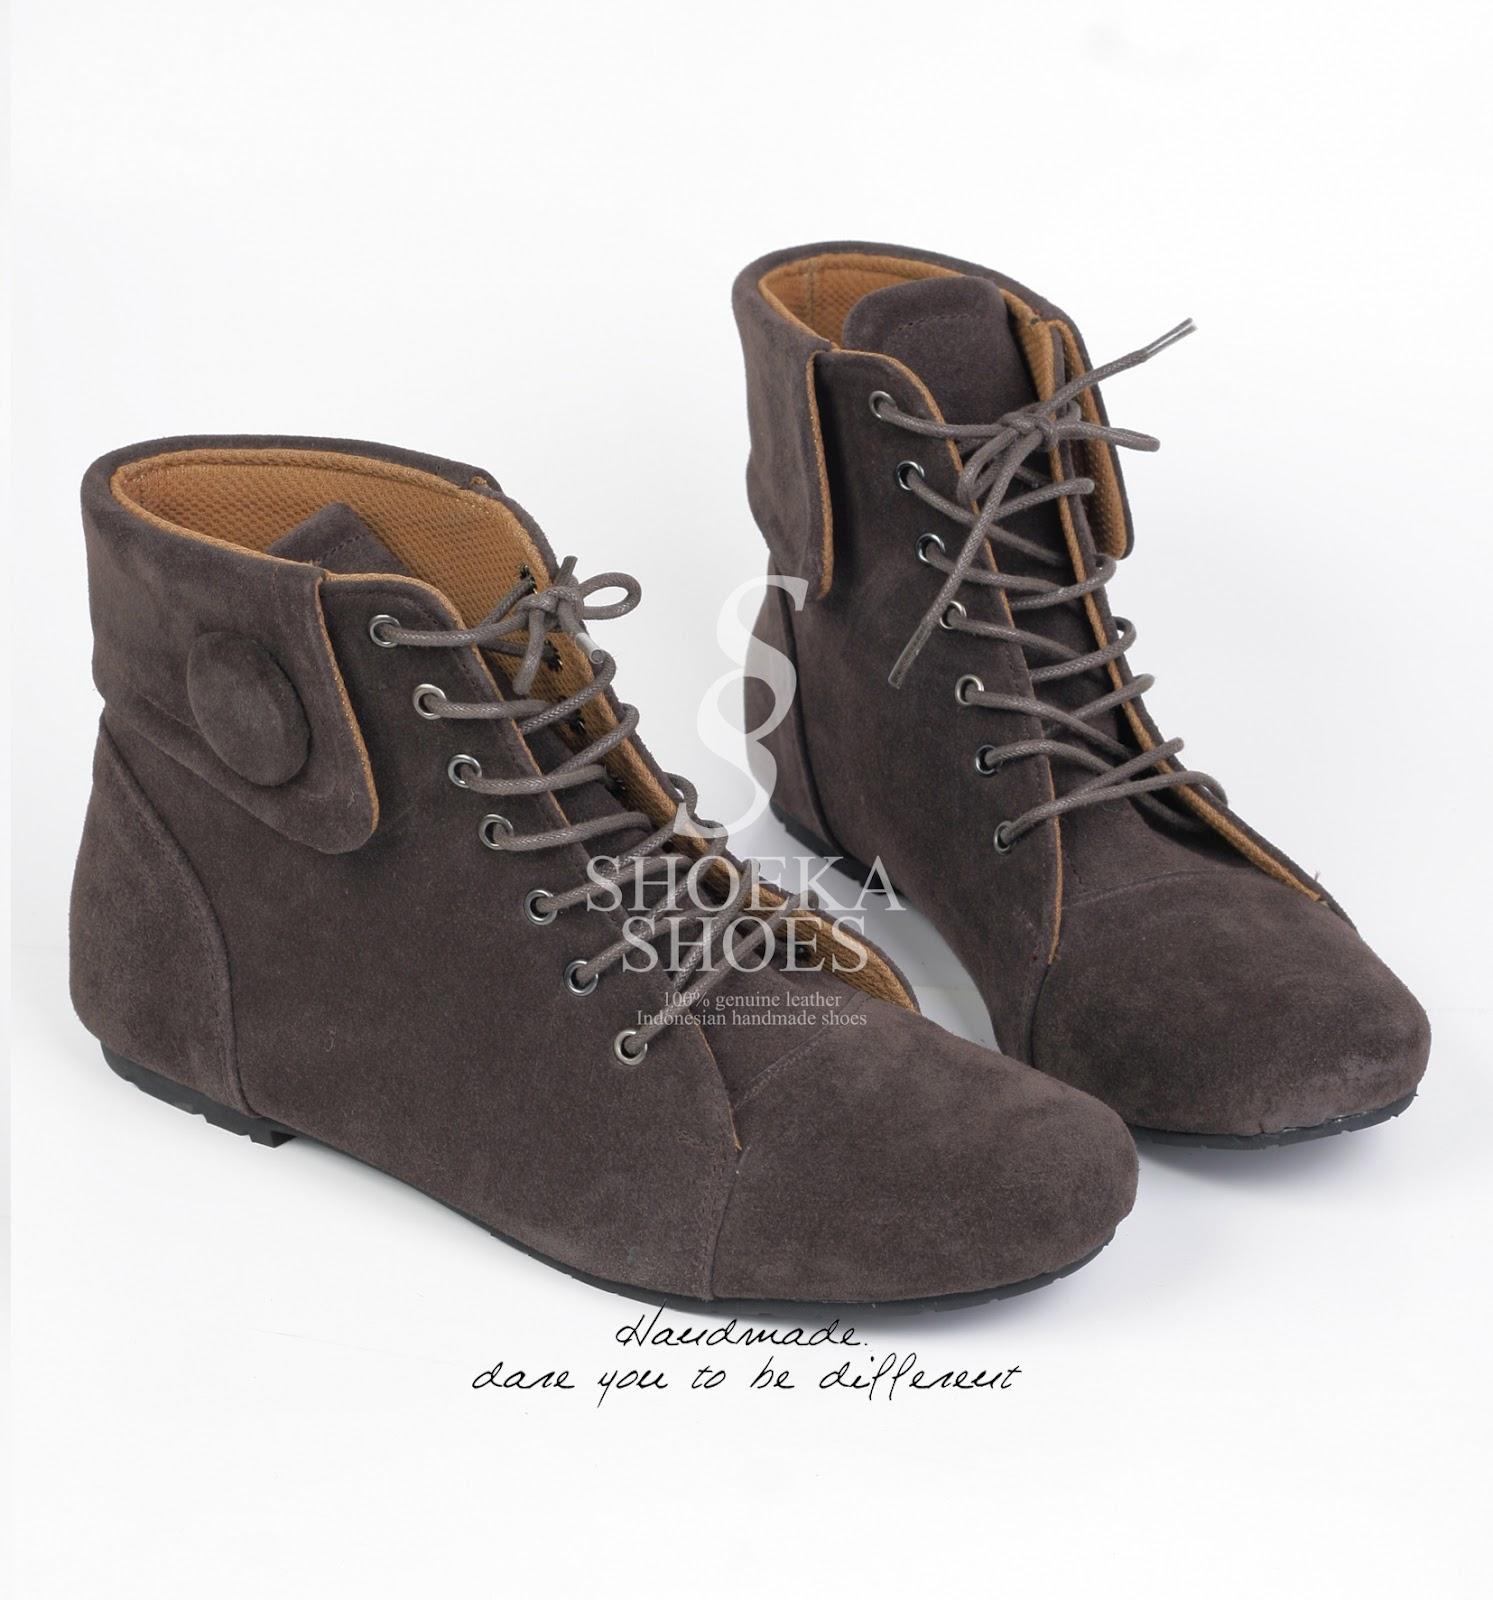 Sepatu+korea+murah,+sepatu+model+korea,+model+sepatu+korea,+sepatu